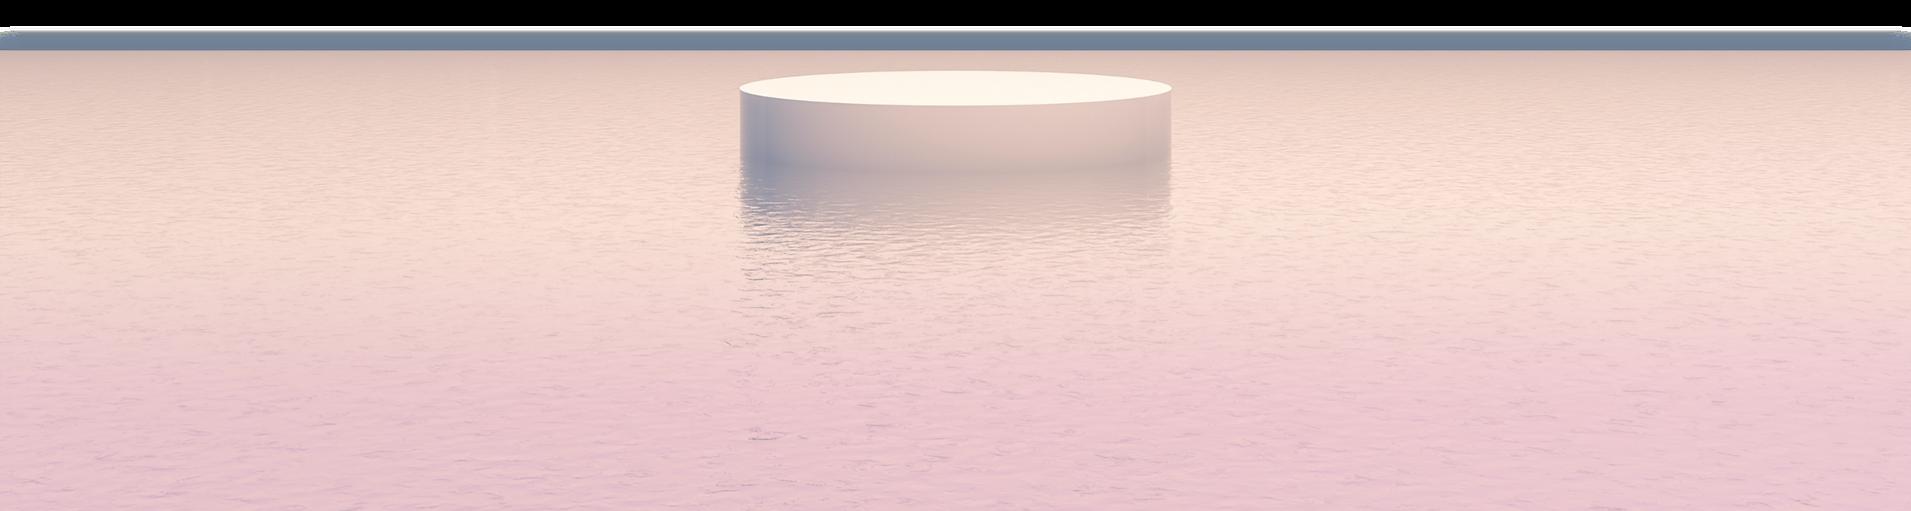 zephir-kontakt-fg_edited_edited.png